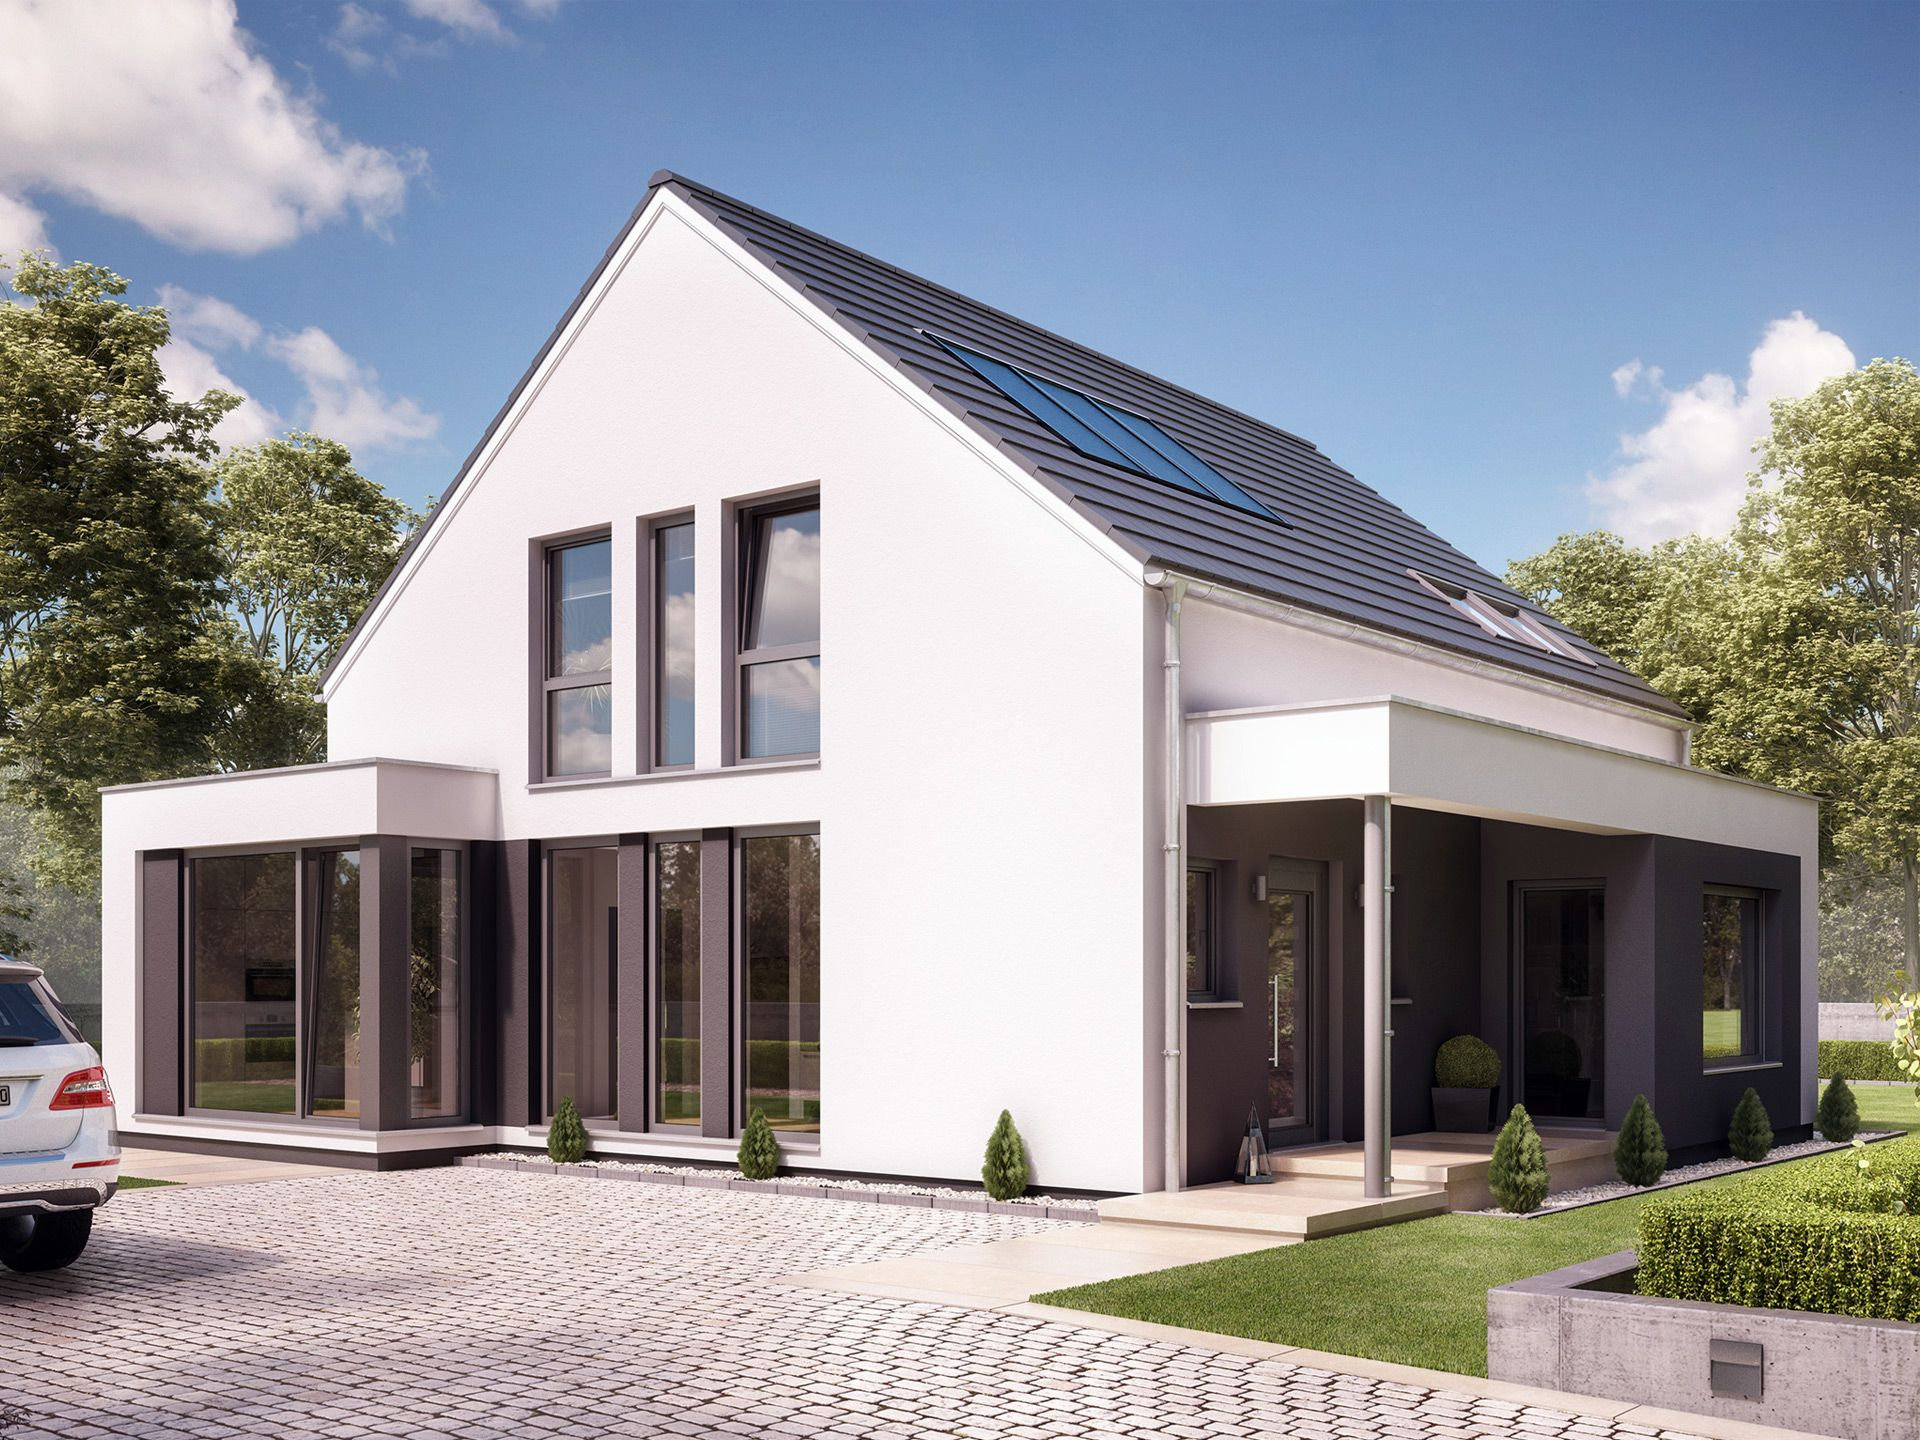 Musterhaus einfamilienhaus  Fantastic 163 V2 • Einfamilienhaus von Bien-Zenker • Modernes ...